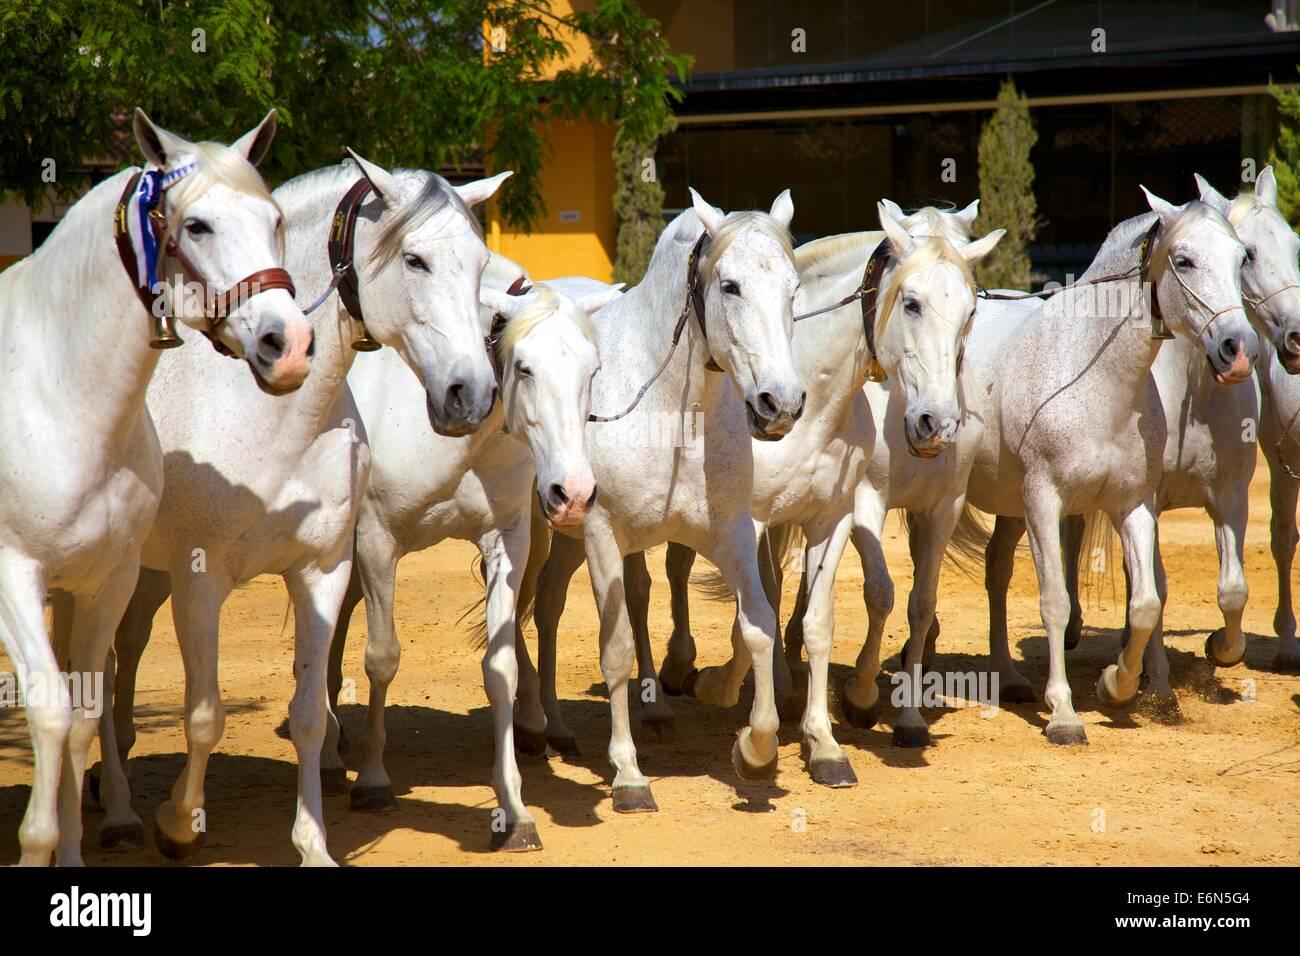 Yeguada de la Cartuja, Finca Fuente del Suero, Jerez de la Frontera, Cadiz Province, Andalusia, Spain, South West Stock Photo